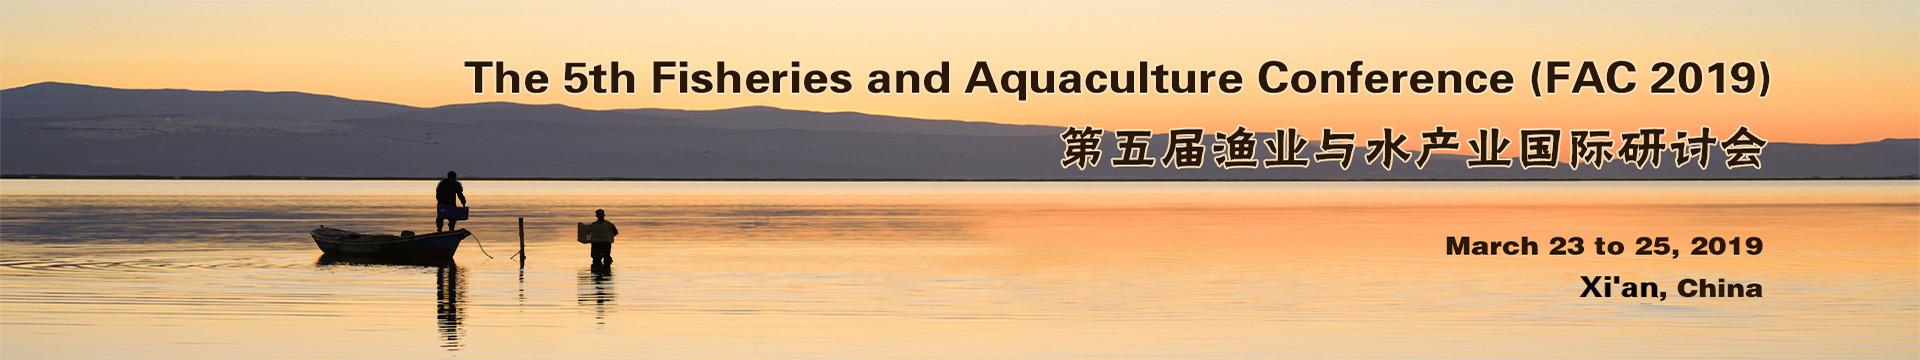 第五届渔业与水产业国际研讨会 (FAC 2019)